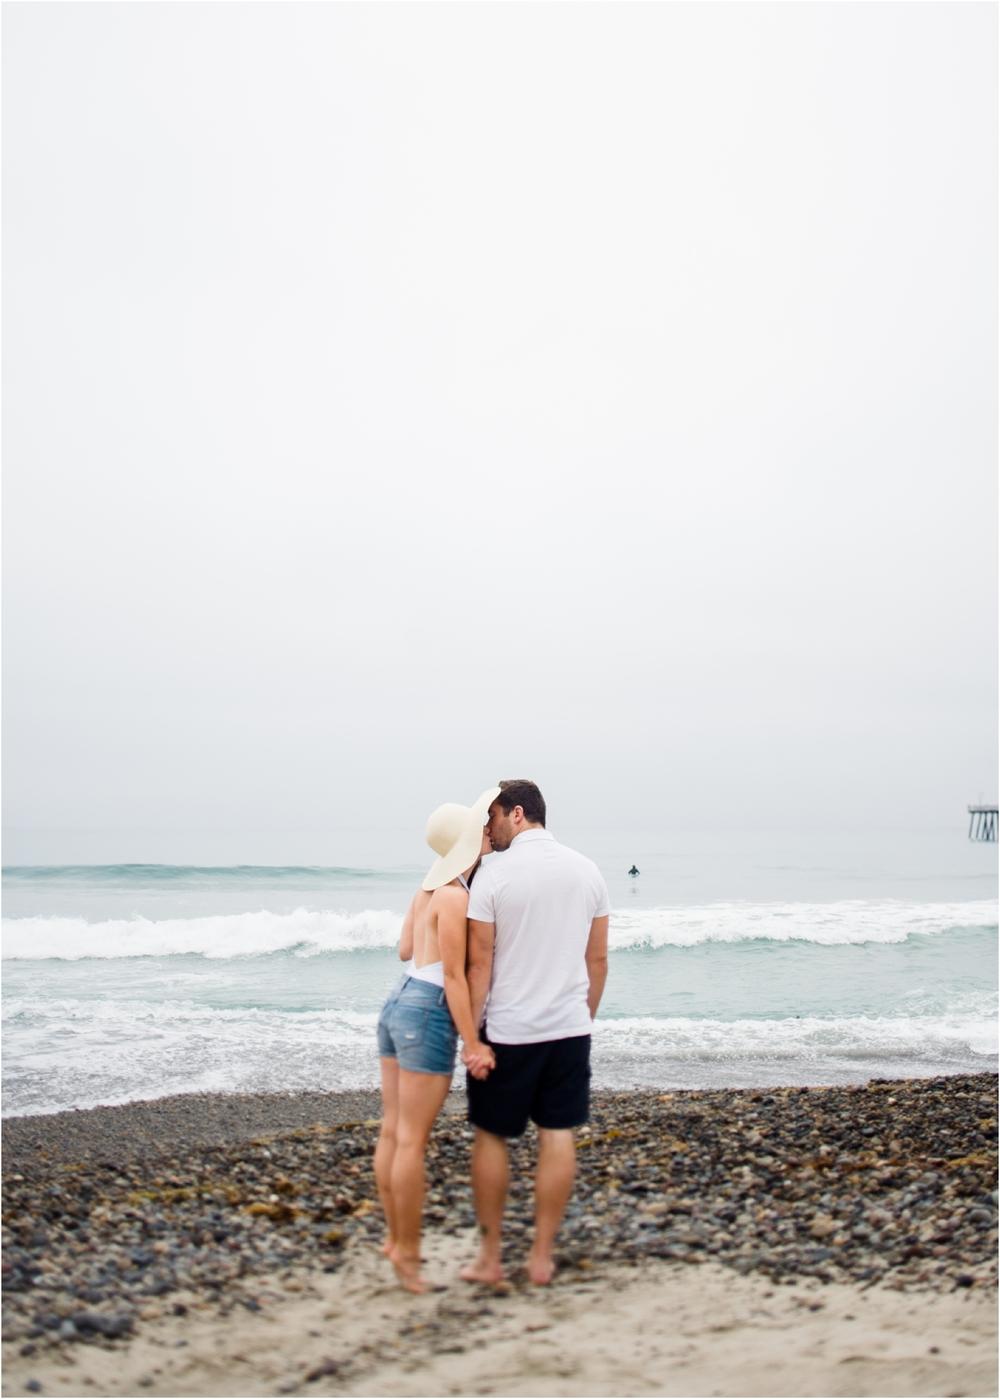 beachengagement_timandjessphoto_011.jpg